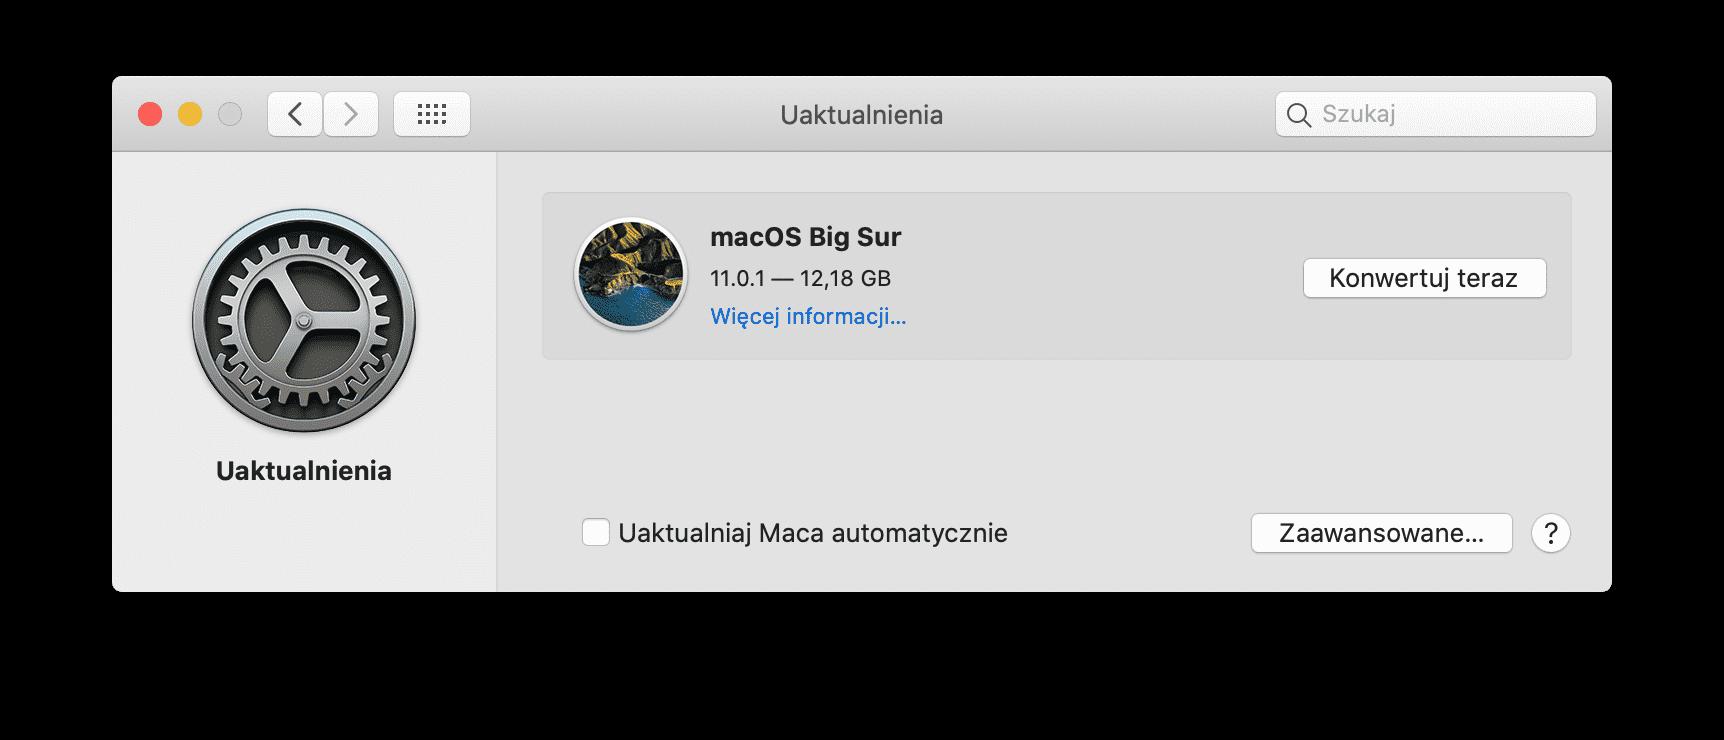 macOS Big Sur oficjalnie dostępny! ciekawostki ofcijalnie, nowości w macOS Big Sur, macOS Big Sur, lista zmian, co nowego  Po wielu miesiącach testów, właśnie teraz firma Apple udostępniła wszystkim użytkownikom finalną wersję macOS Big Sur. Poniżej tradycyjnie pełna i oficjalna lista zmian. Zrzut ekranu 2020 11 12 o 19.24.34@2x